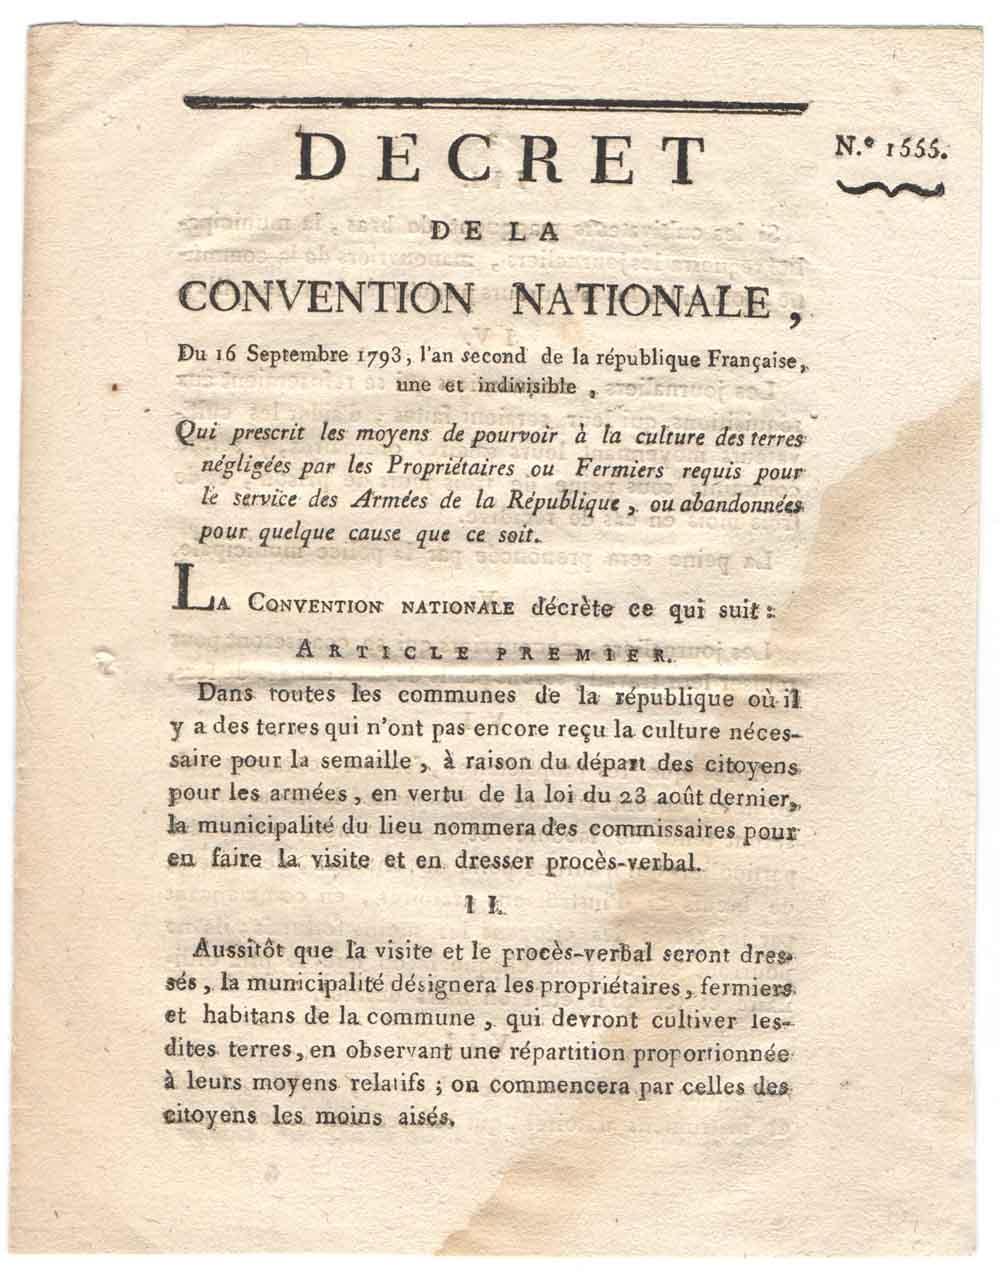 https://www.nuggetsfactory.com/EURO/papier/loi%20et%20decret/24%20decret.jpg